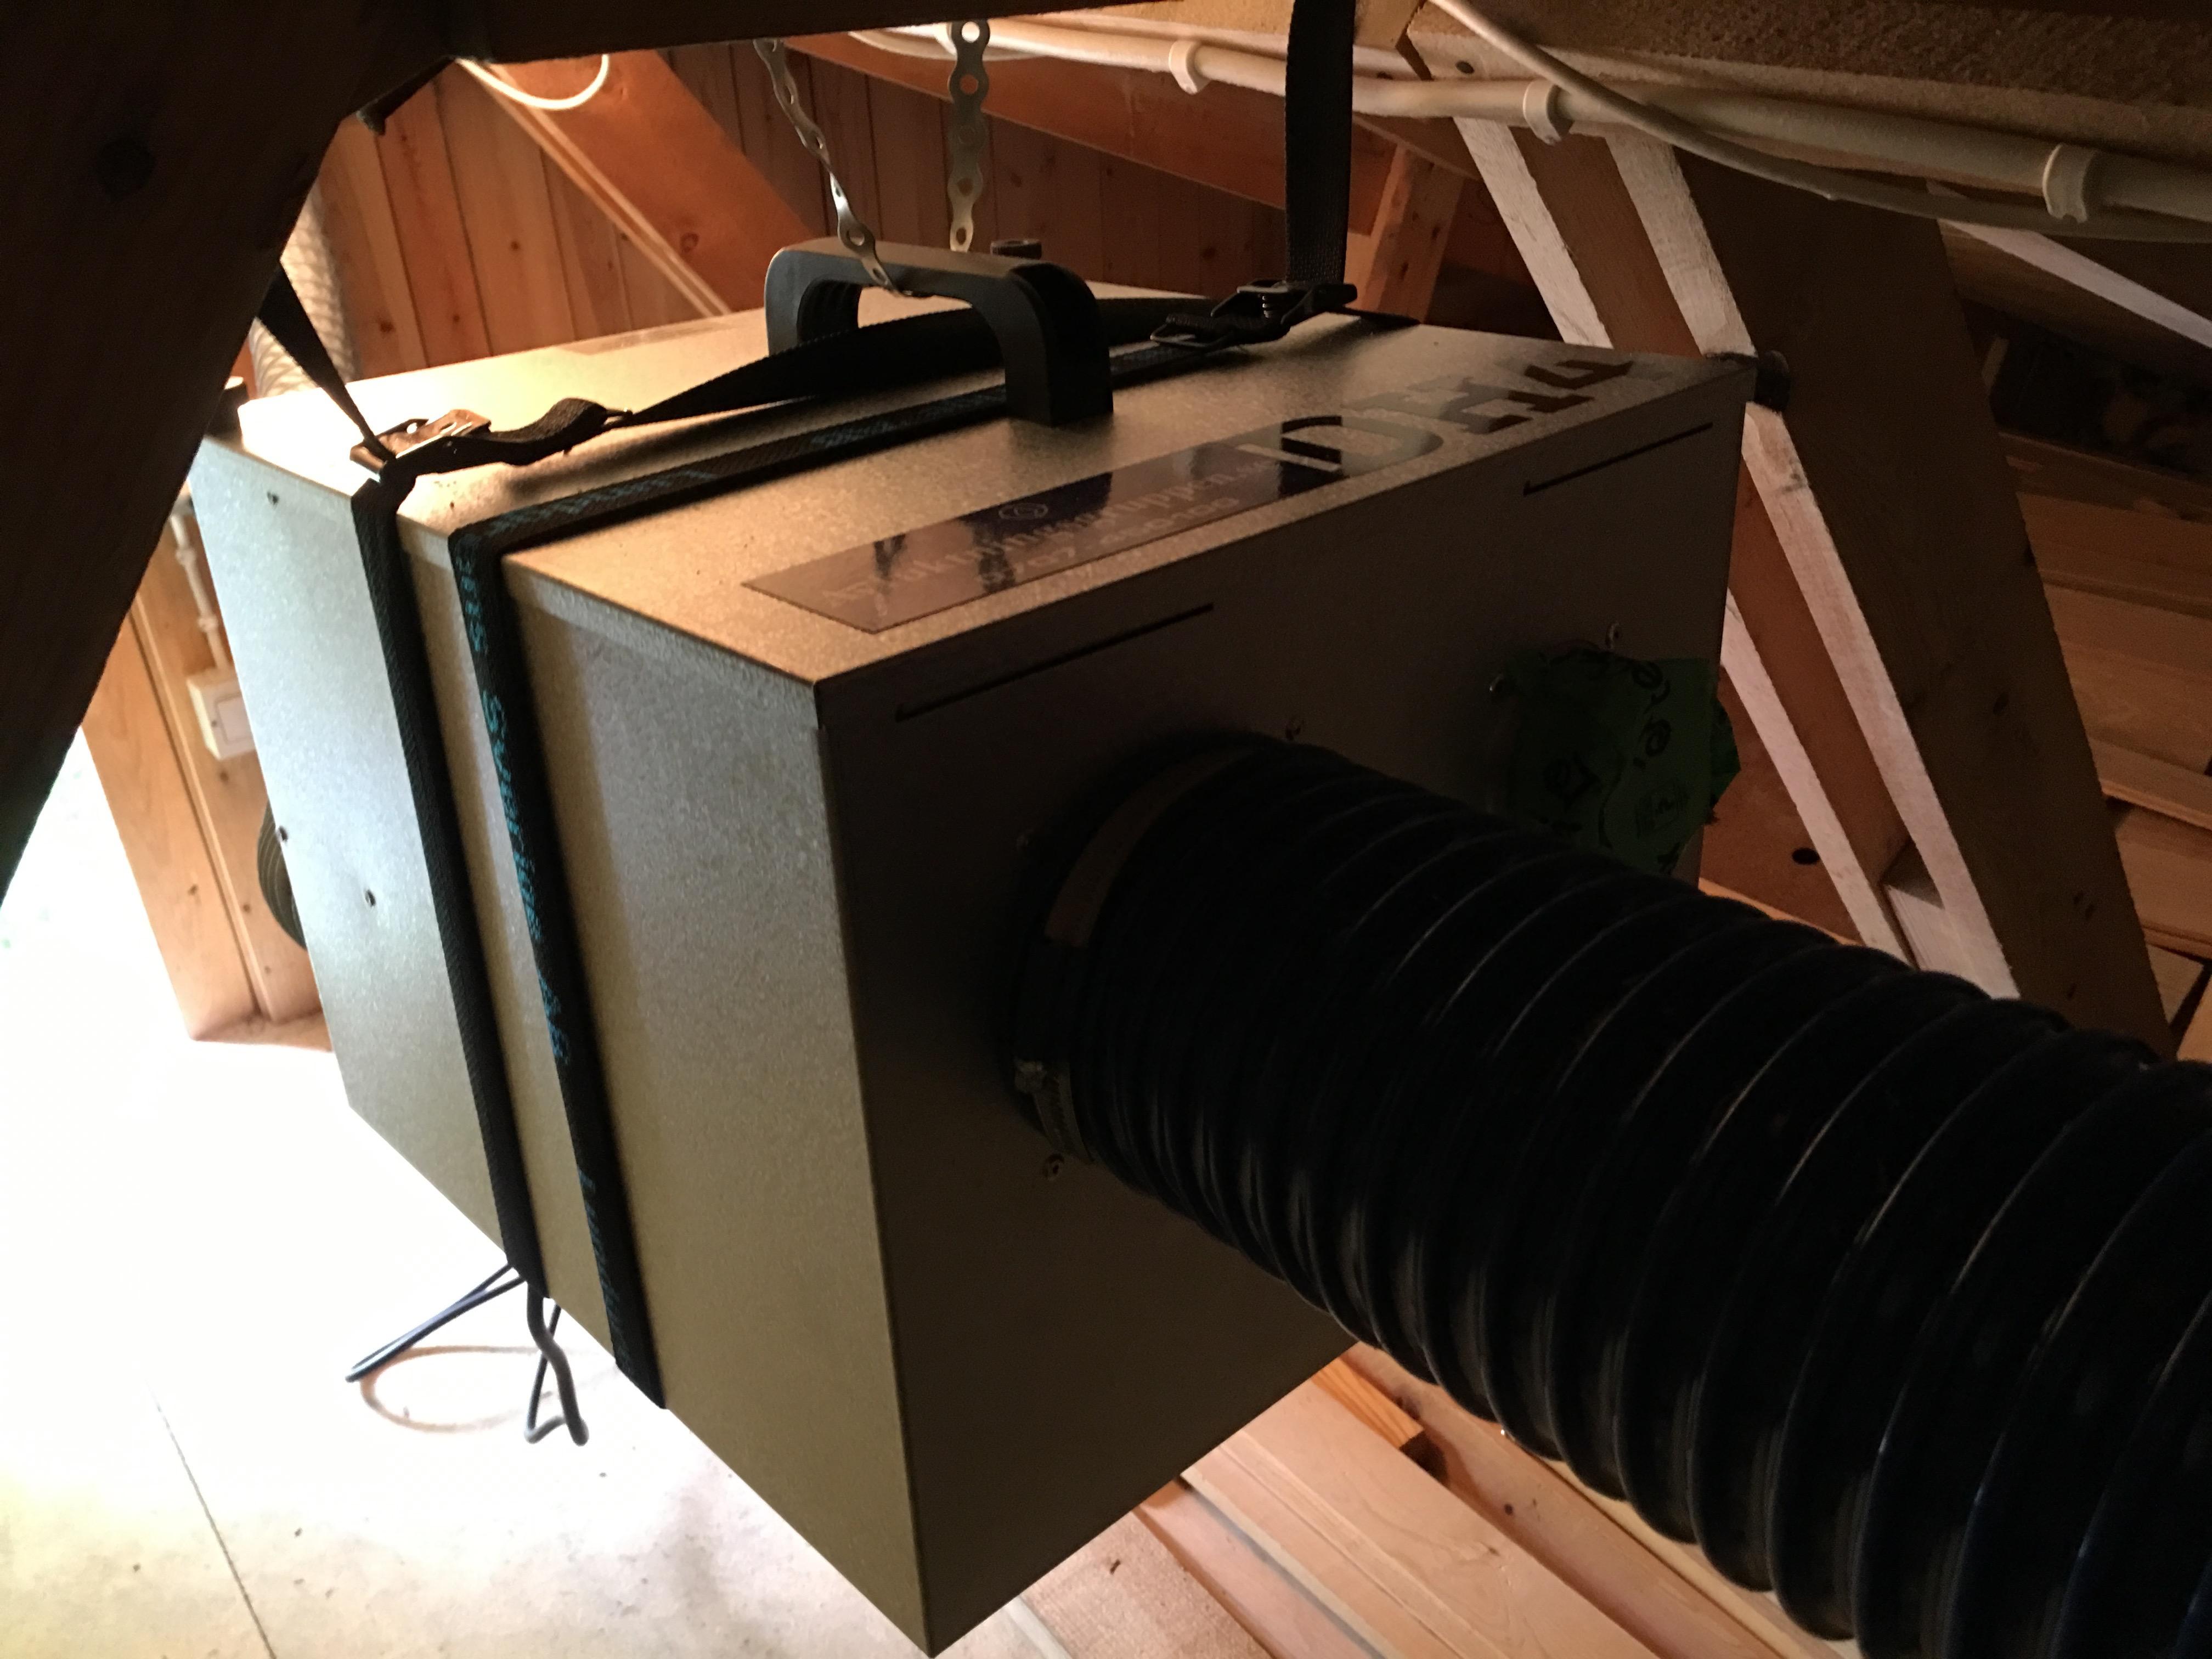 DH4-avfuktare-vind-avfuktningsgruppen.se.jpg